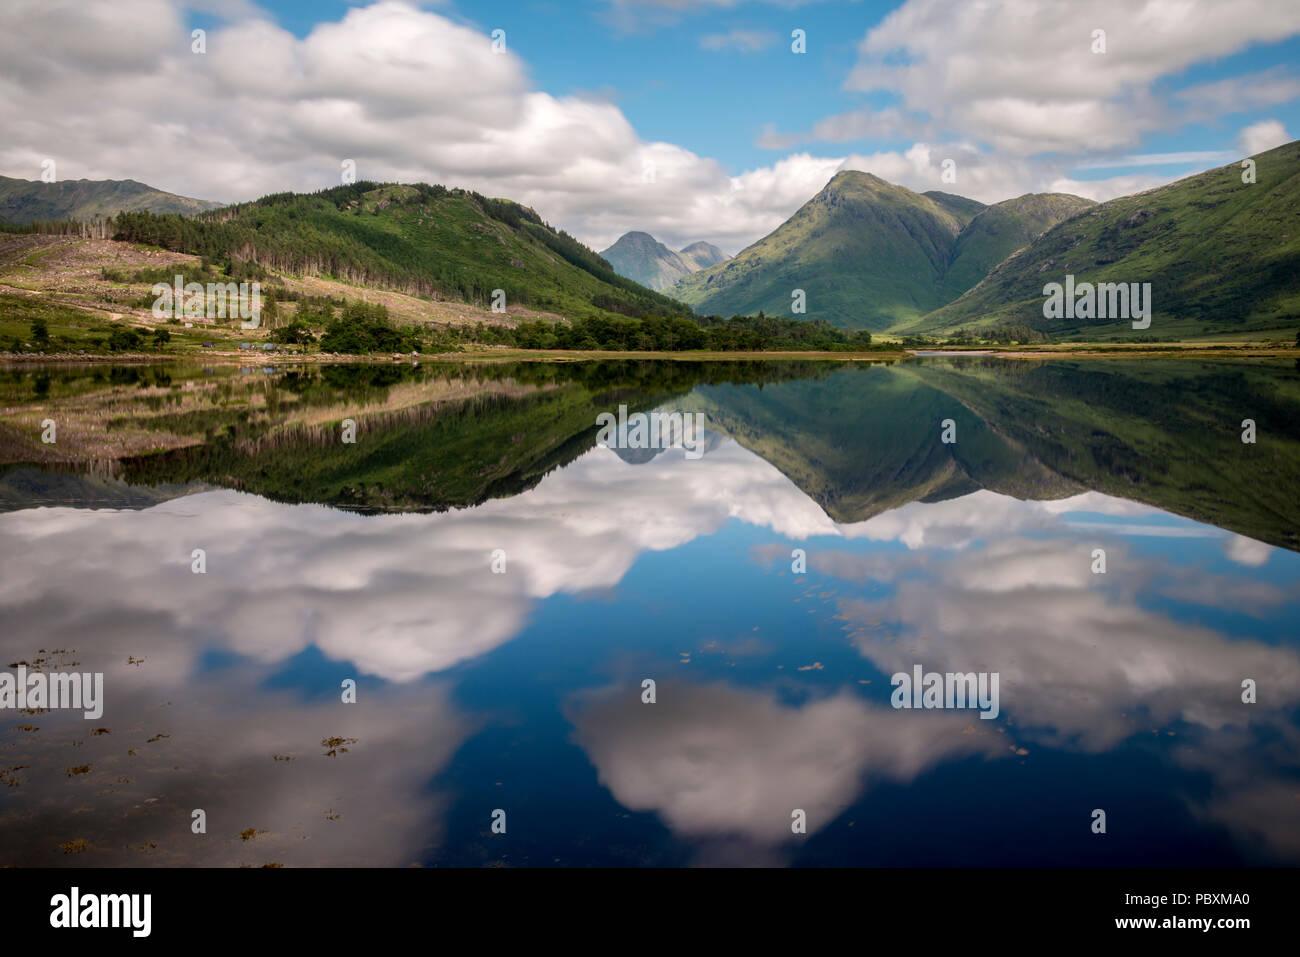 Loch Etive, Argyll and Bute, Scottish Highlands, Scotland, UK, Europe - Stock Image